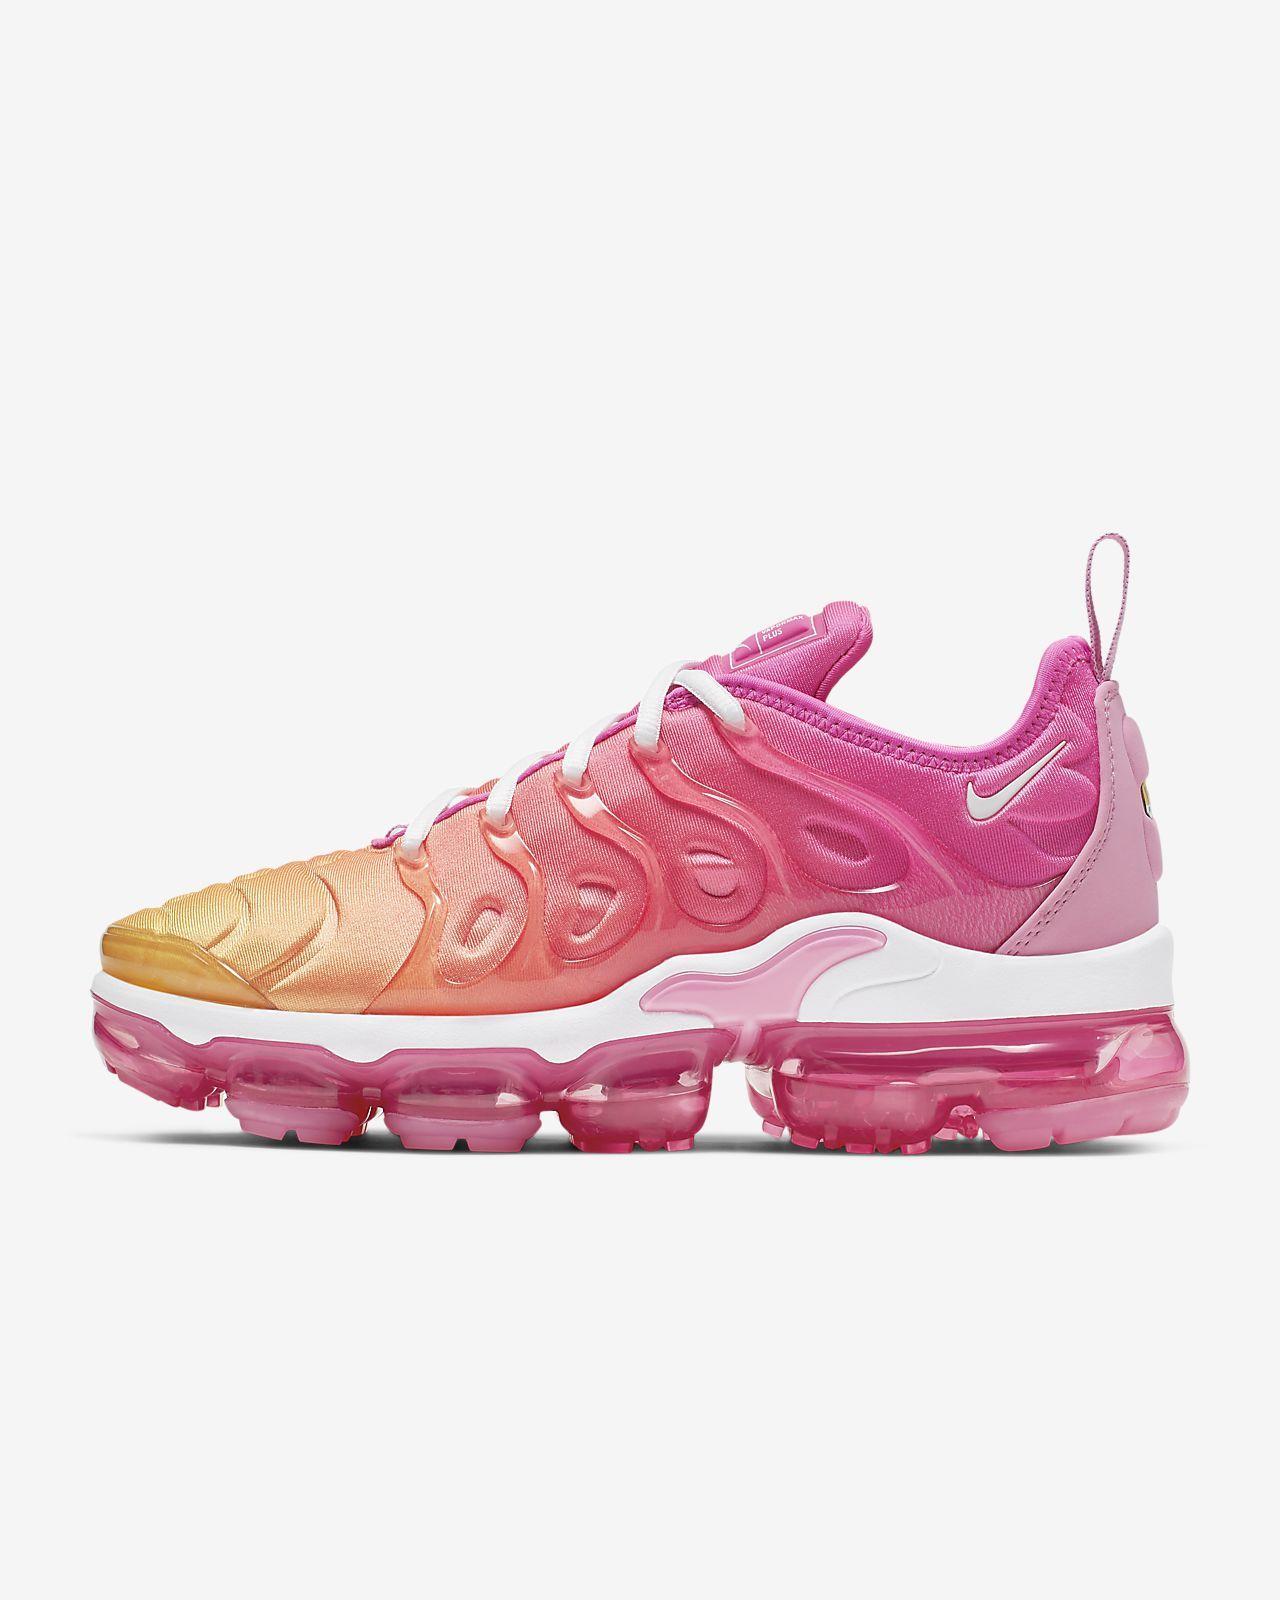 2241b1fc2b Nike Women's Shoe VaporMax Plus in 2019 | Shoe Game Is Real | Shoes ...